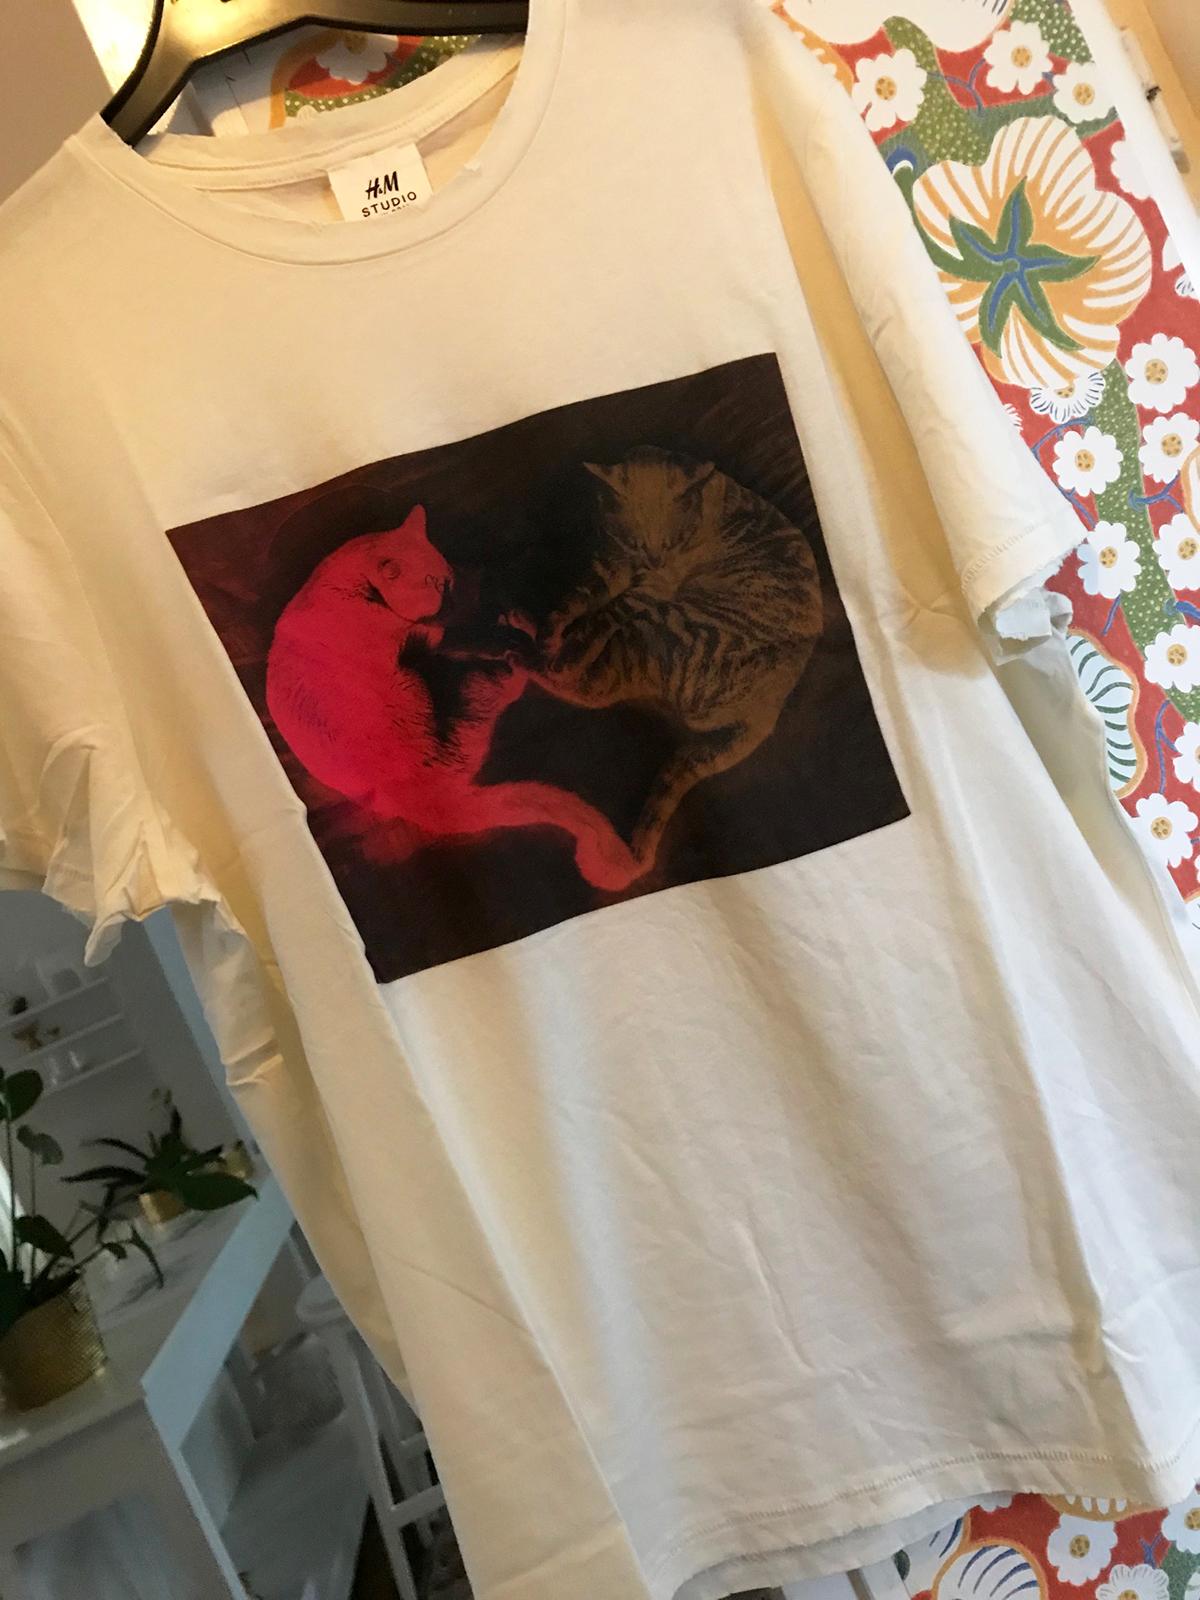 81b13fa76926 Idag kom t-shirten från H&M Studio-kollektion. Färgen är verkligen gräddigt  vit och perfekt för oss som inte passar så bra i kritvitt.